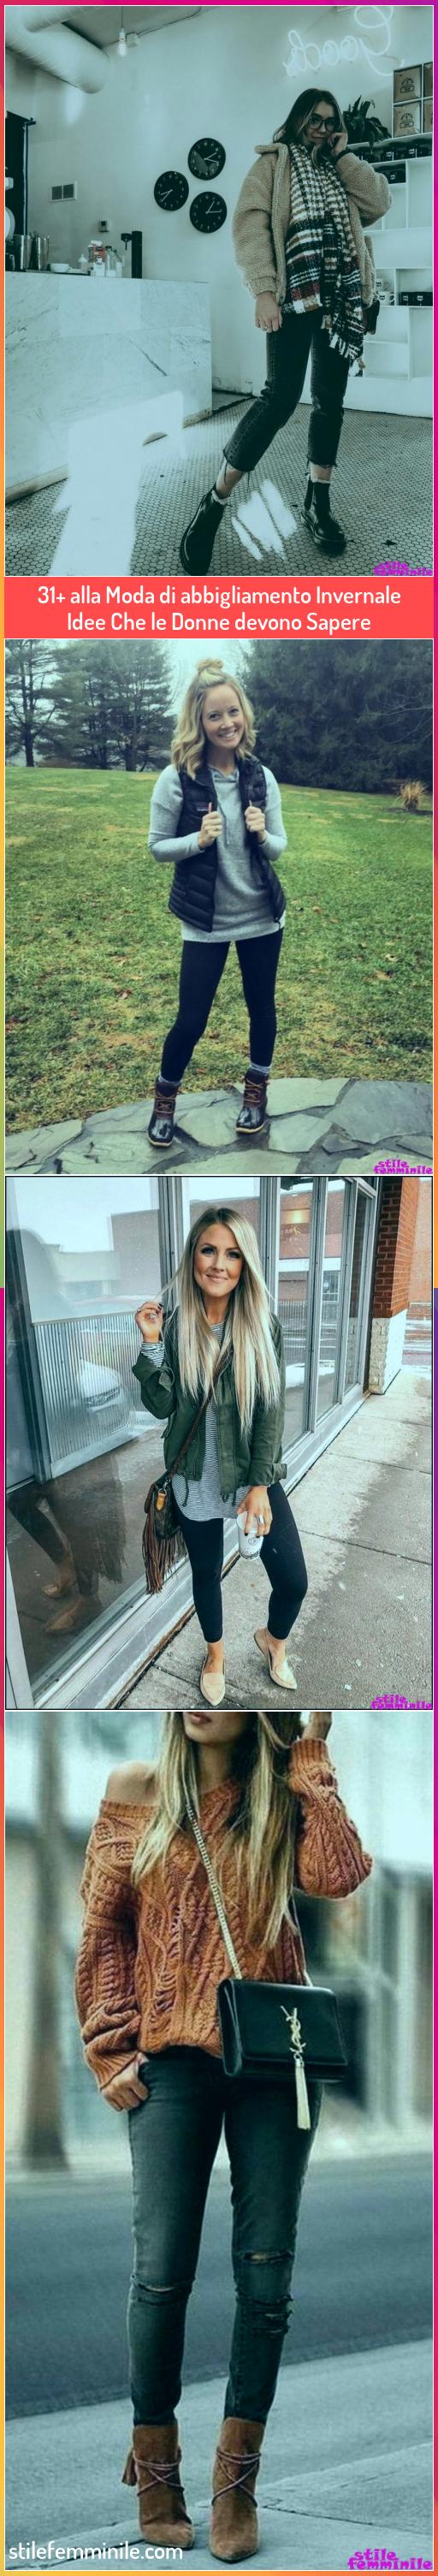 Photo of Super 31+ idee di abbigliamento invernale alla moda che le donne dovrebbero sapere …